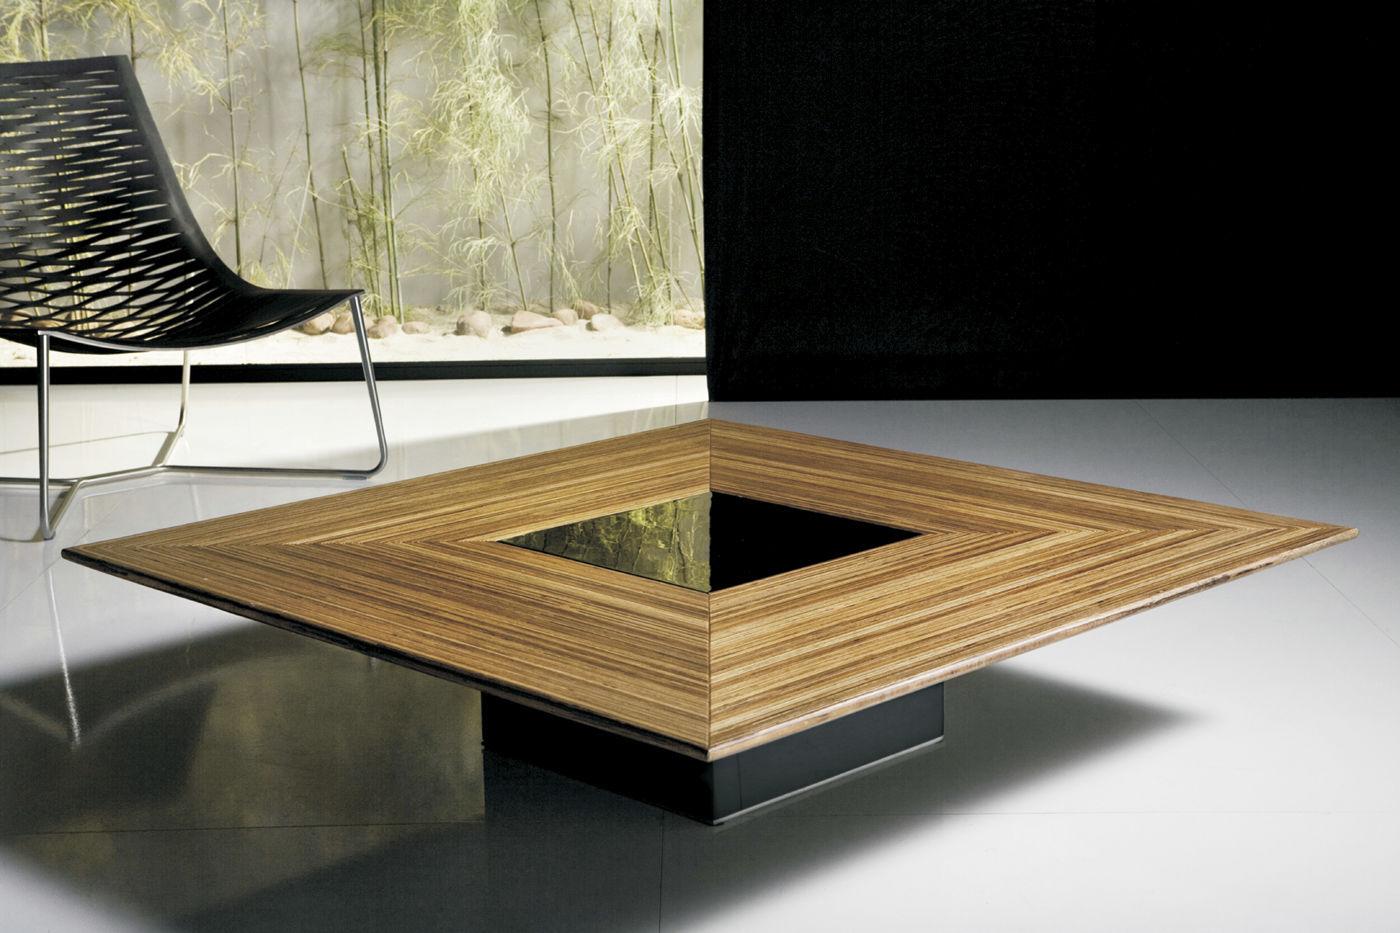 Table Contemporaine Design Italien